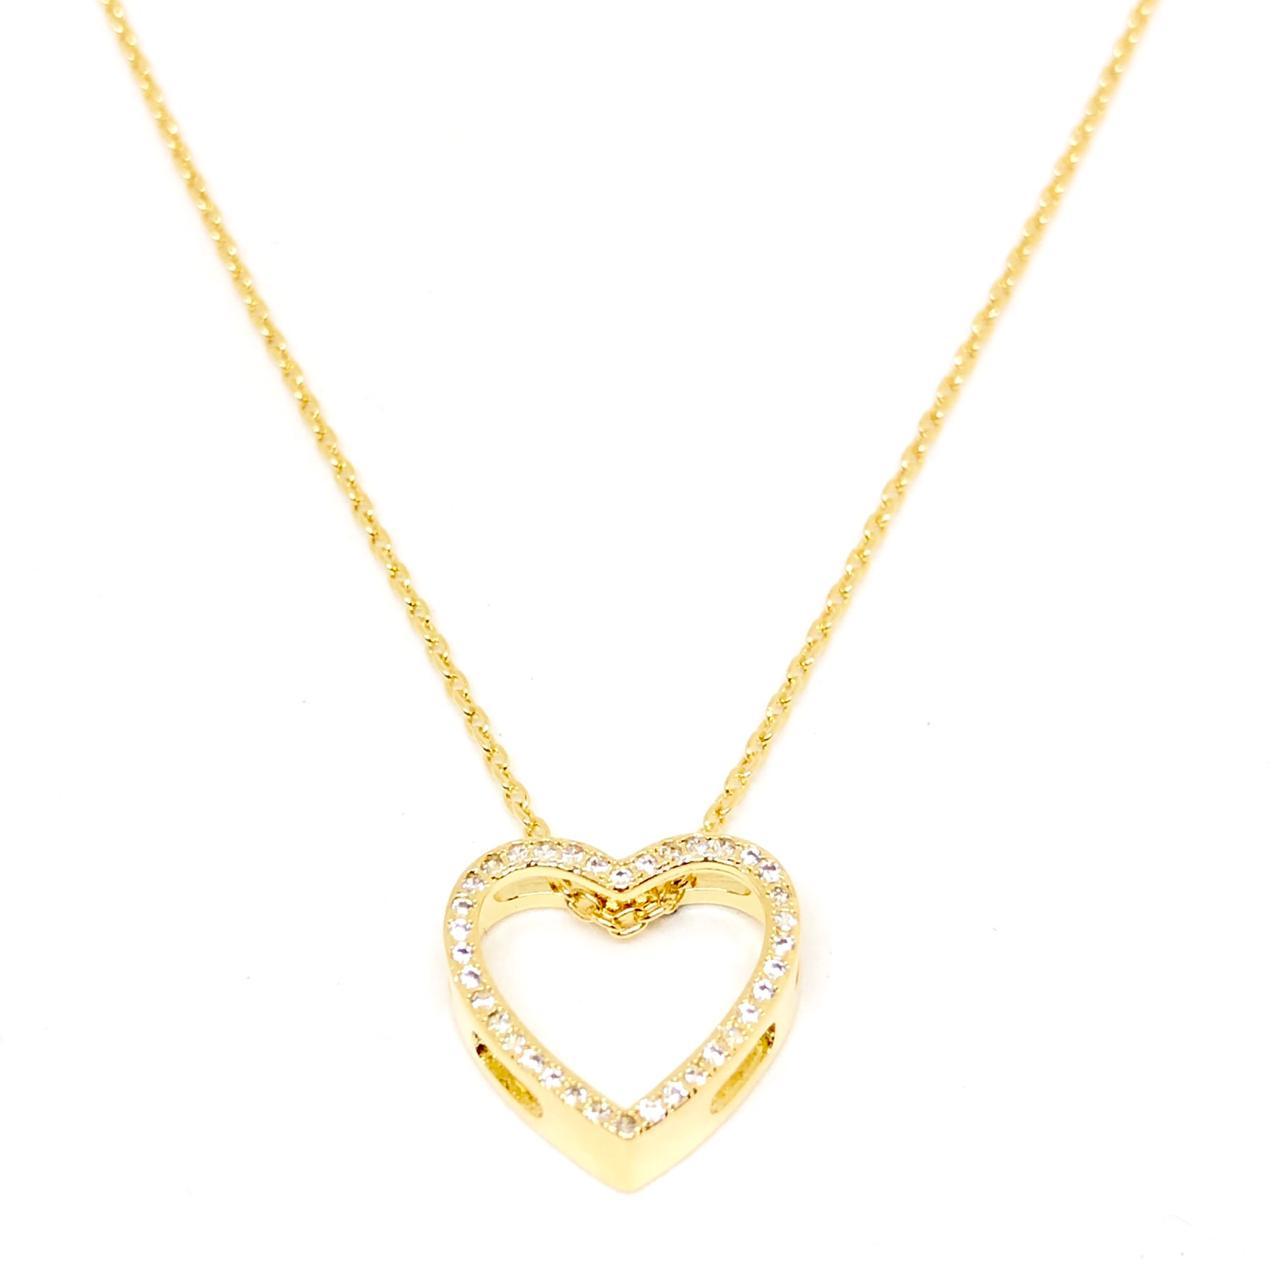 Colar Carrier Cadeado com Coração Cravejado 40cm (Banho Ouro 18k)